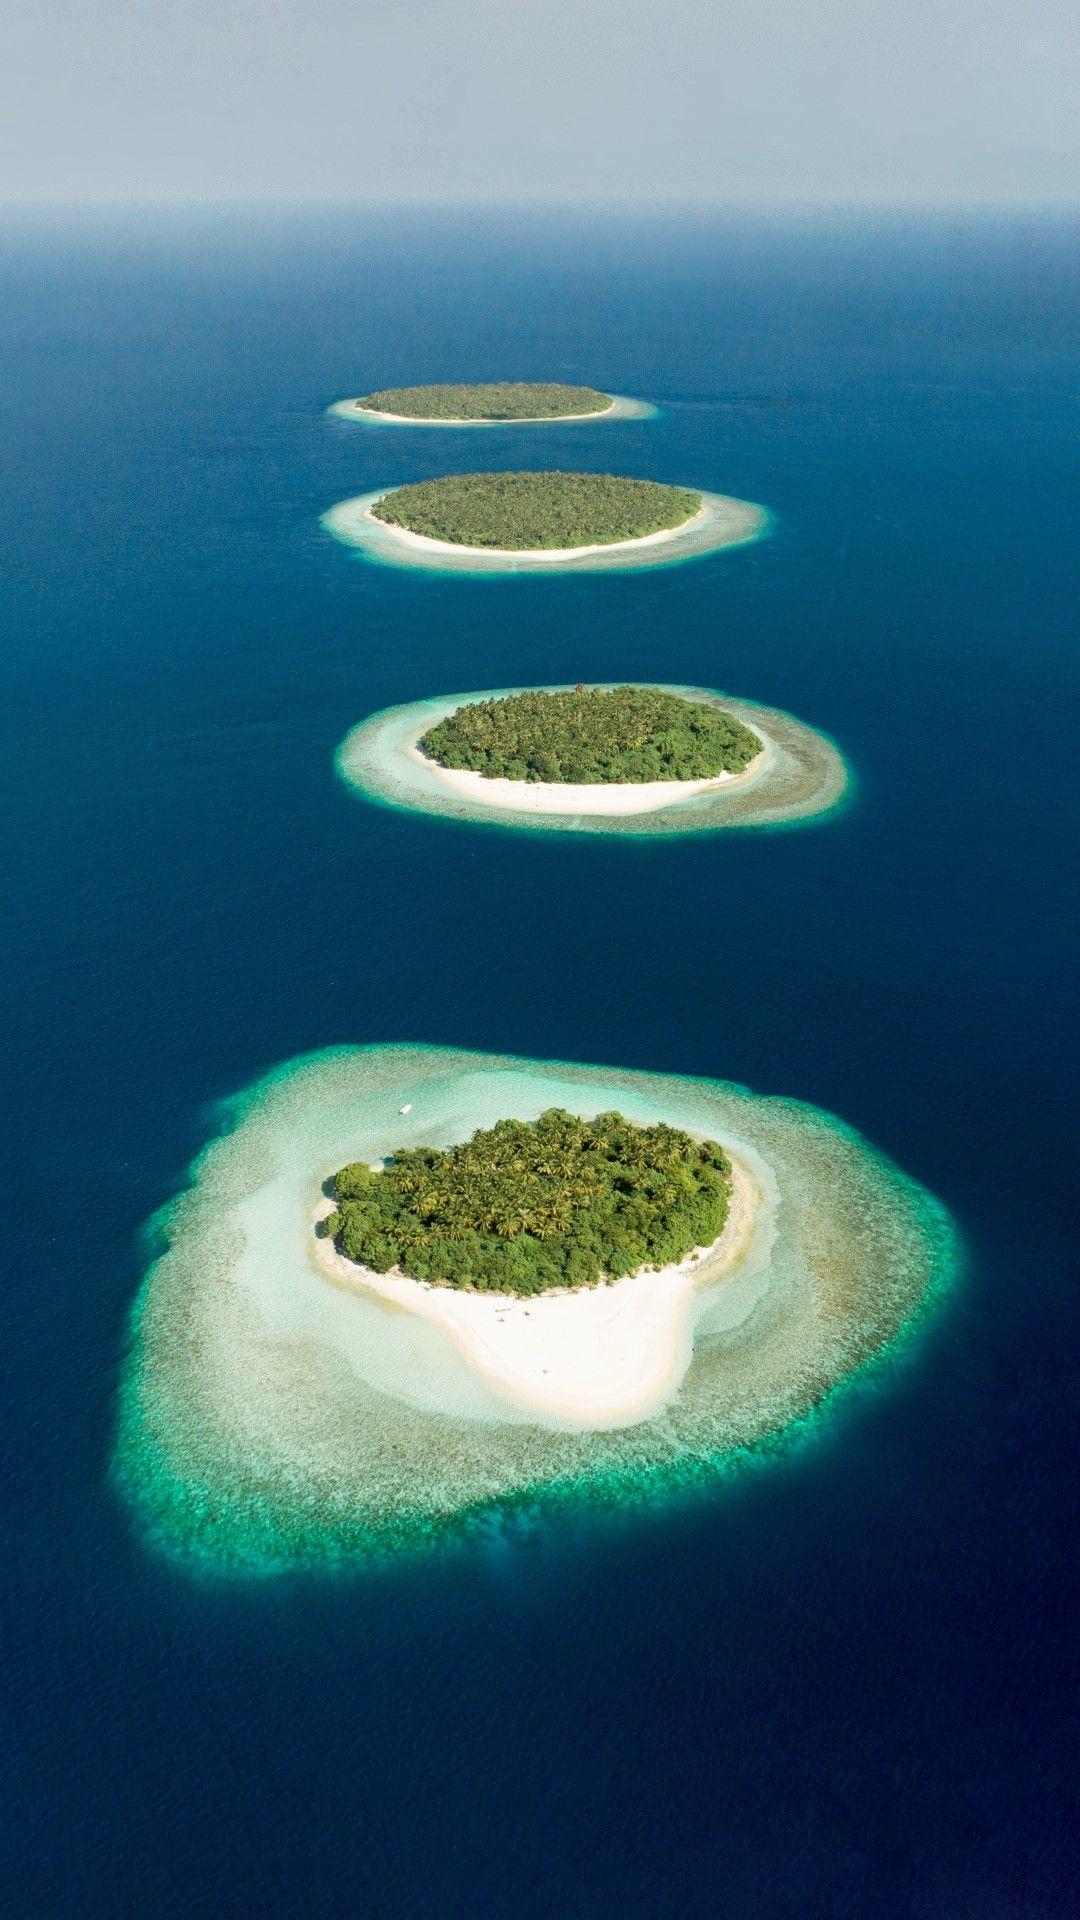 Баа атол, Малдивите. С повишаване на нивото на световния океан Малдивите ще са една от първите страни, които ще пострадат.